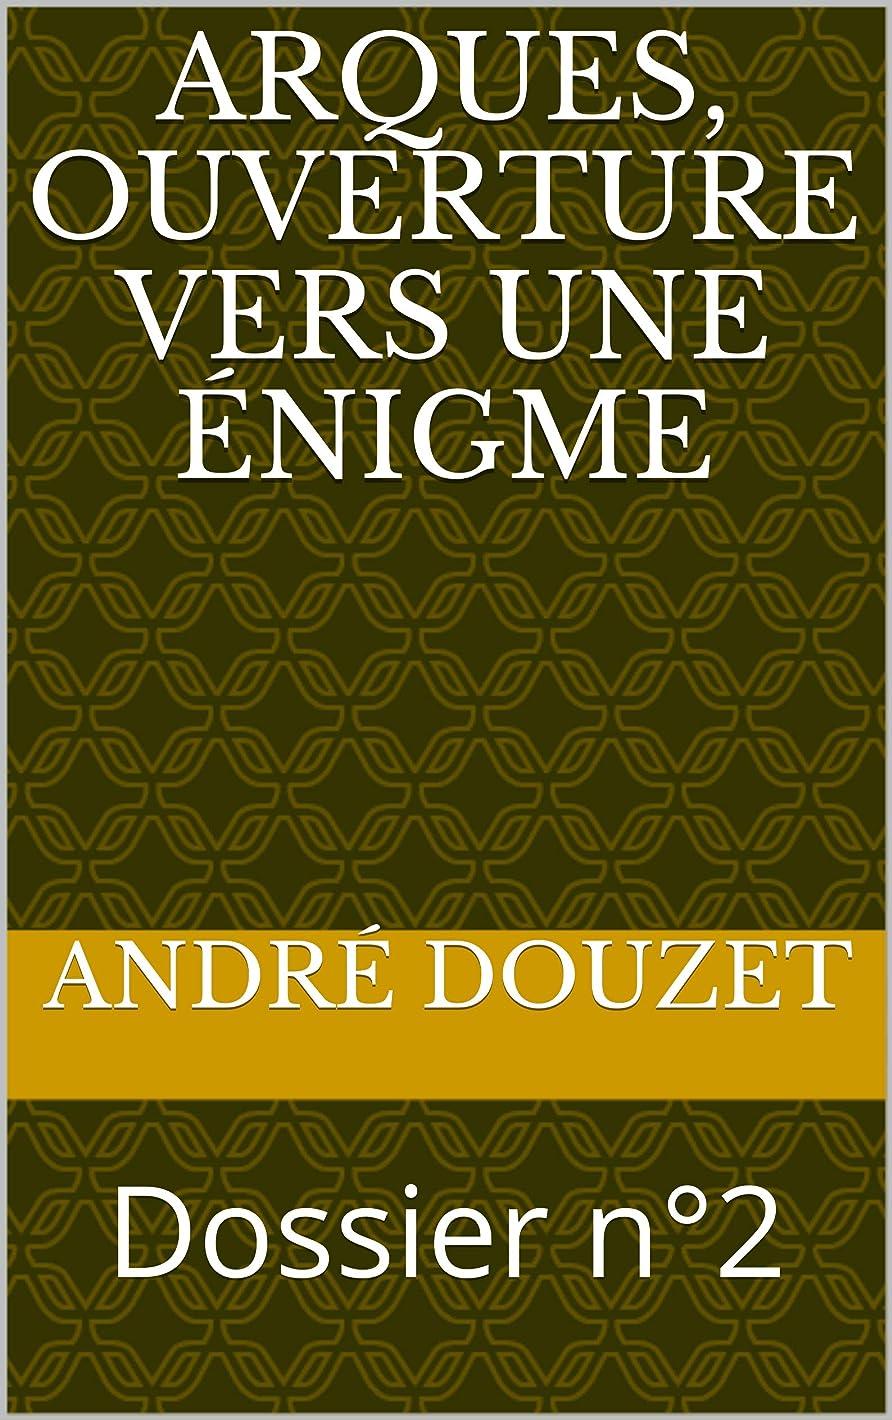 香り逆クローゼットArques, ouverture vers une énigme: Dossier n°2 (Dossiers Rennes-le-Chateau) (French Edition)